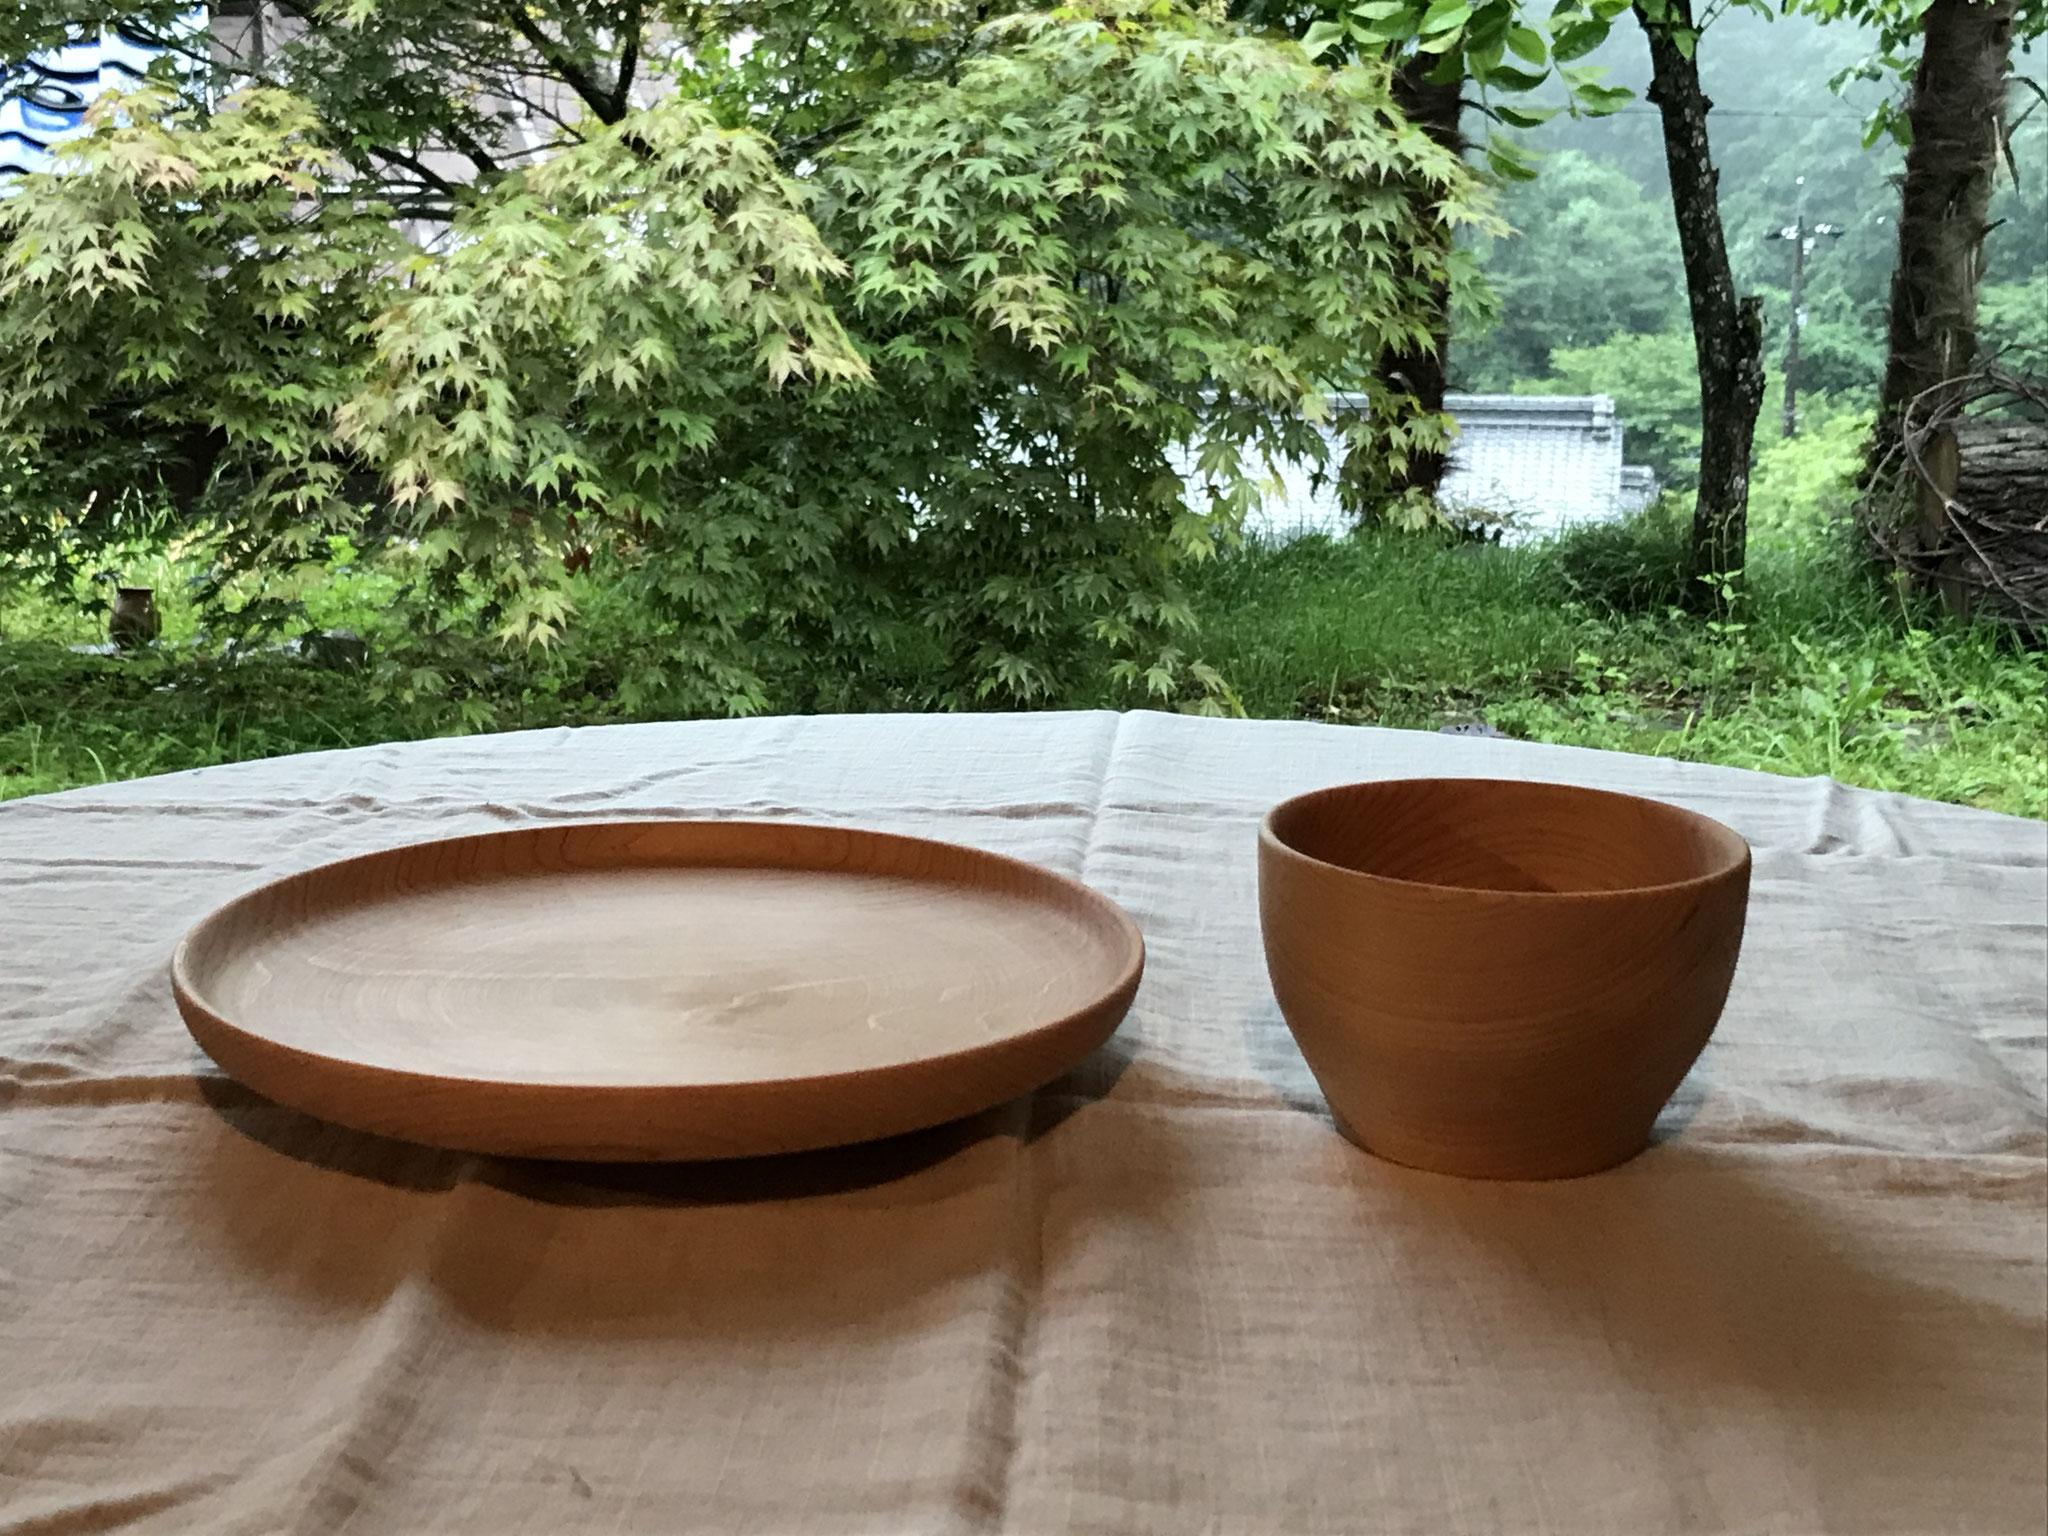 癒しの木工教室作品 ヒノキの椀とお皿